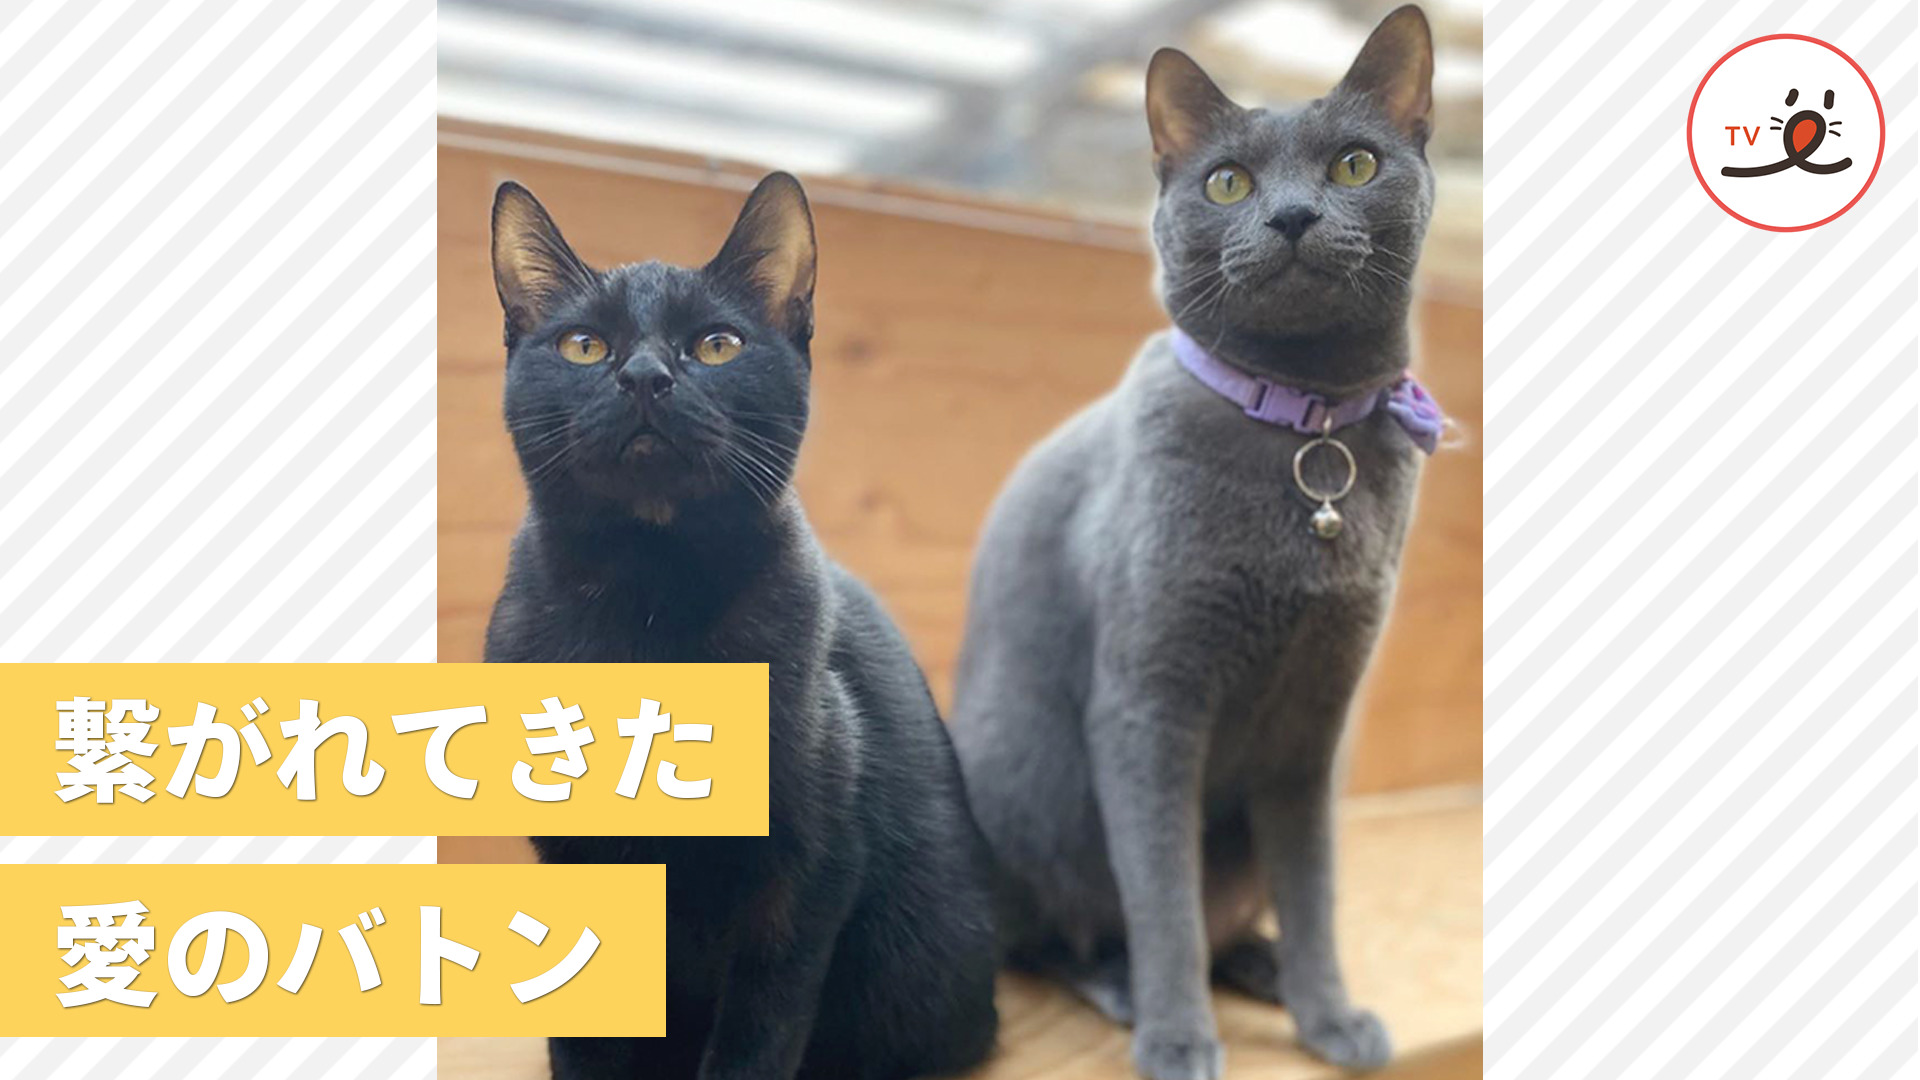 たくさんの愛と思い出を胸に…😌 新たな2匹が加わった保護猫大家族の愛の物語🏠